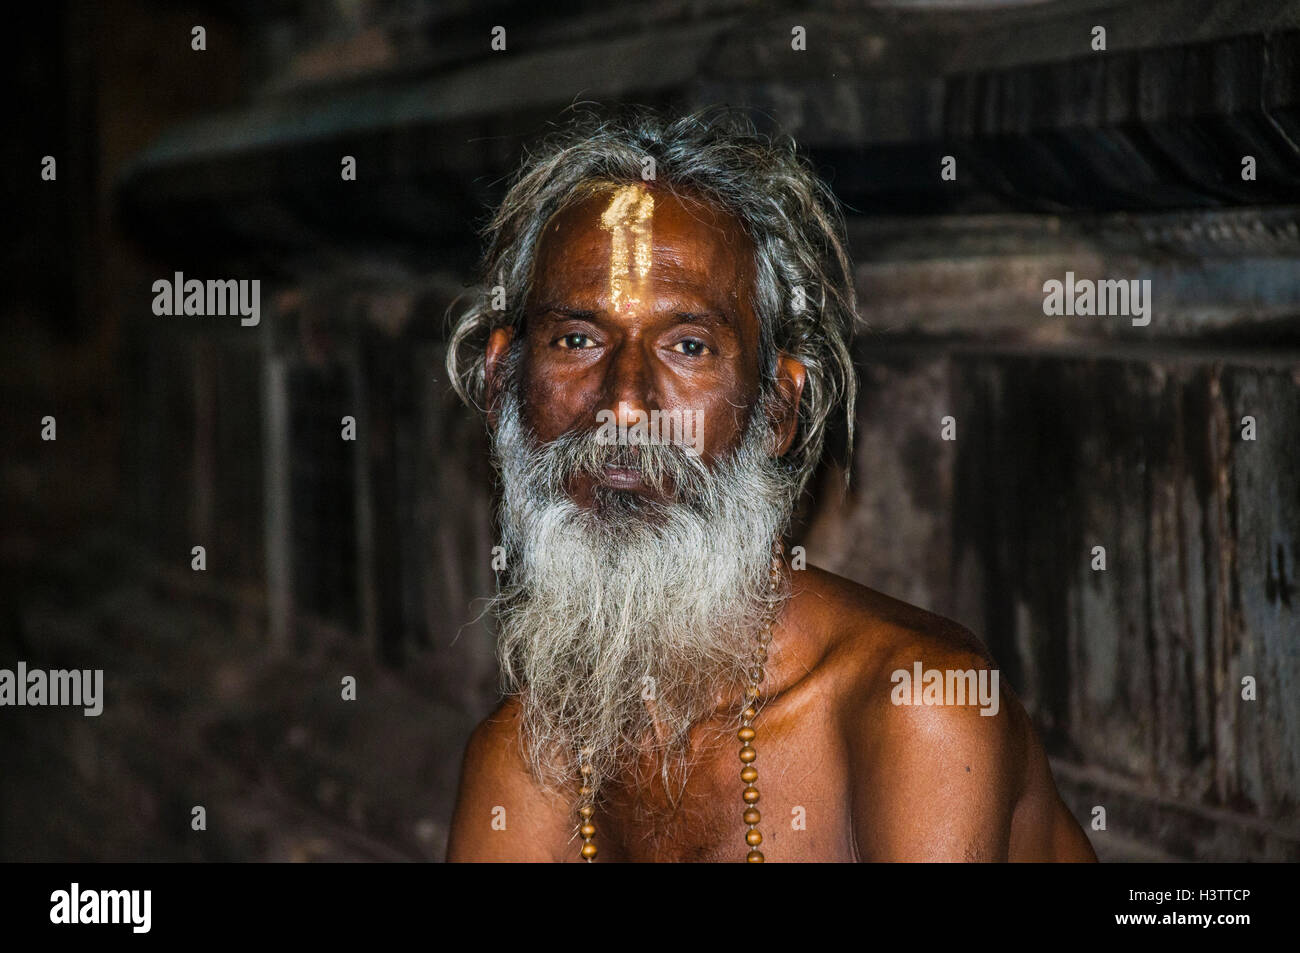 A sādhu, Srirangam, Iruchirappalli District Tamil Nadu, India Stock Photo